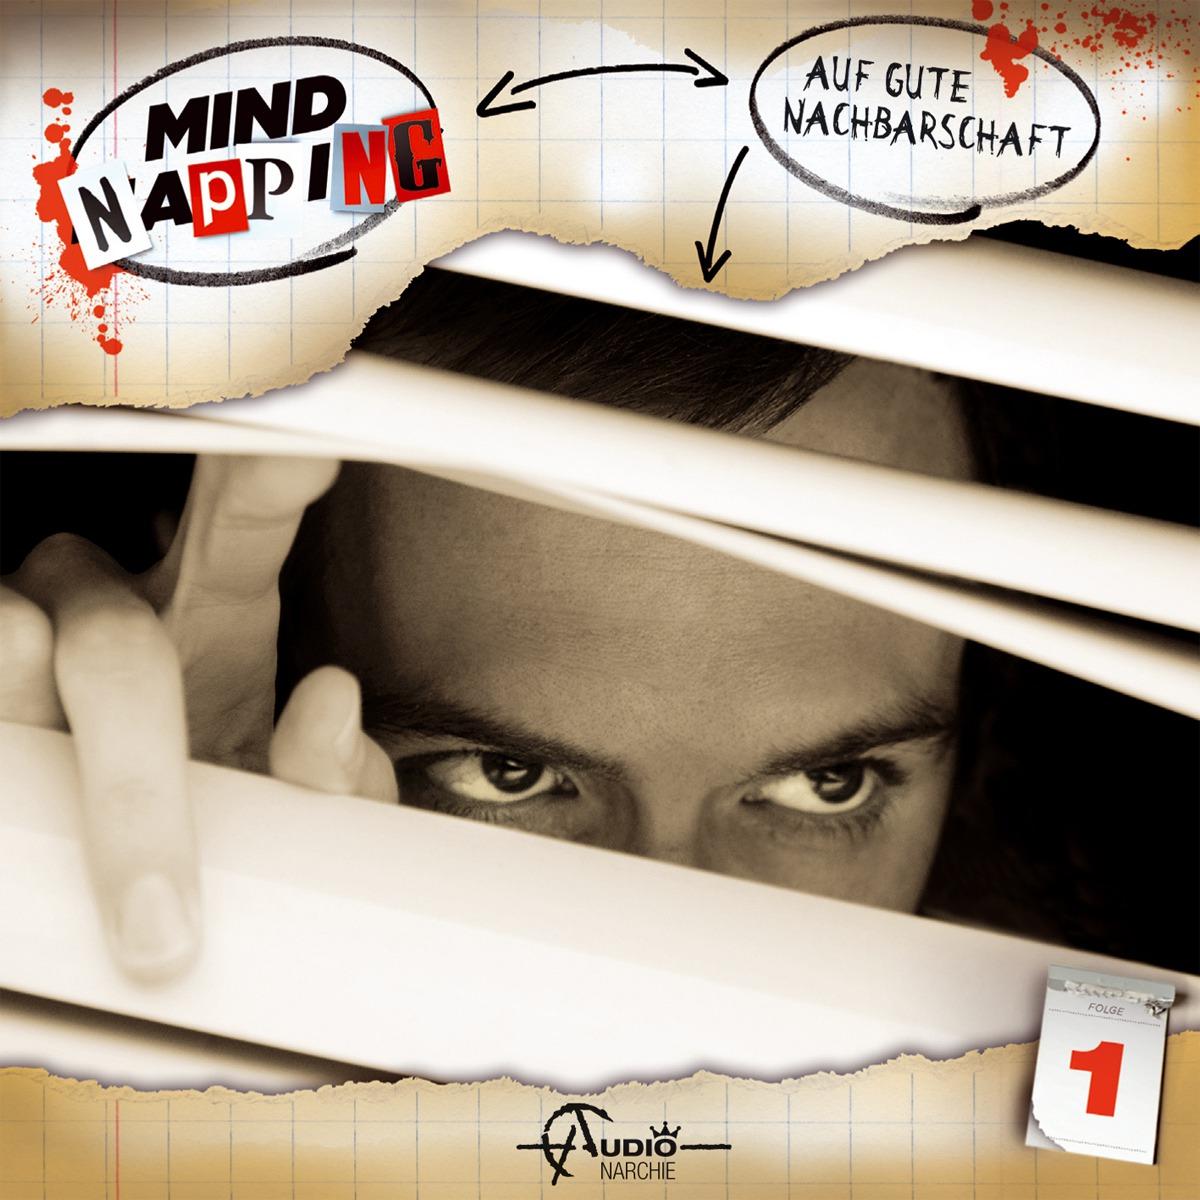 Mindnapping (1) – Auf gute Nachbarschaft